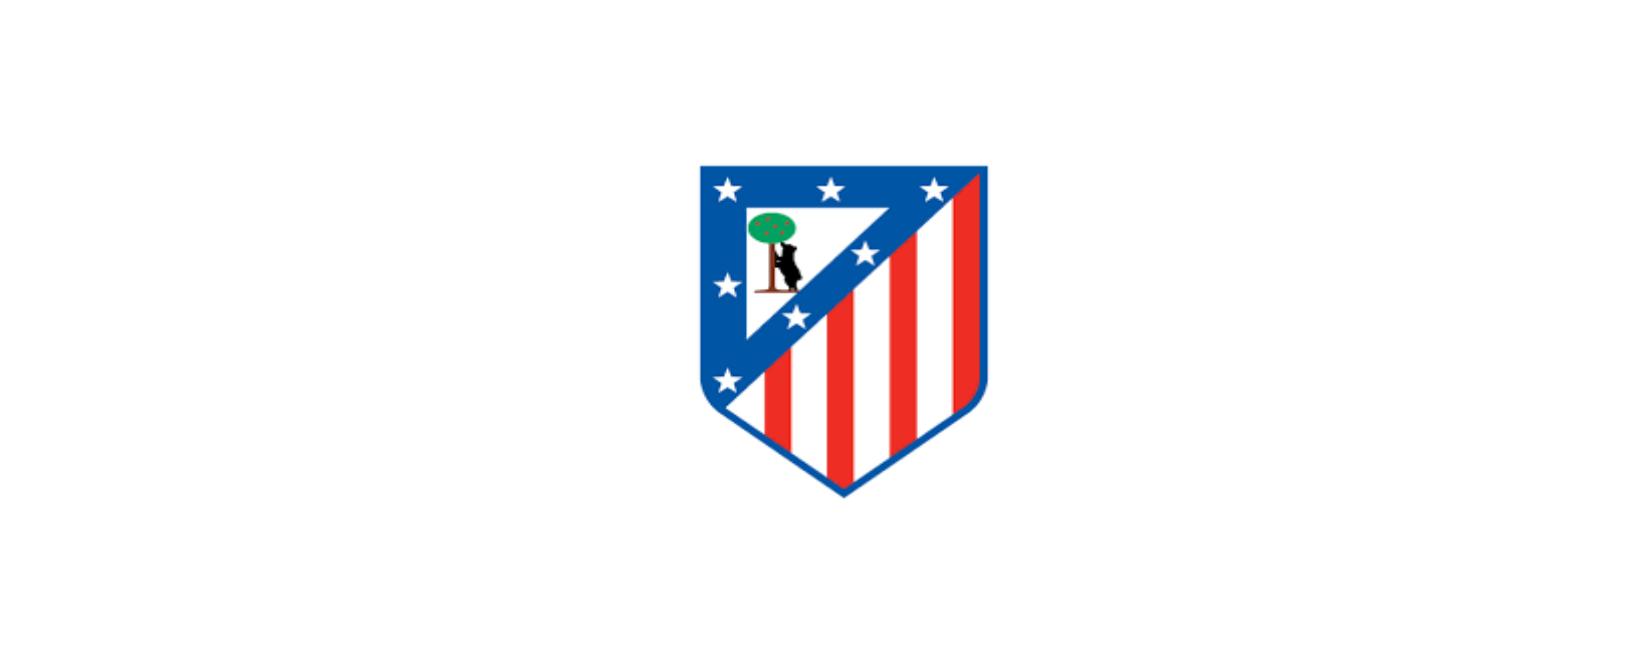 Atlético De Madrid UK Discount Code 2021